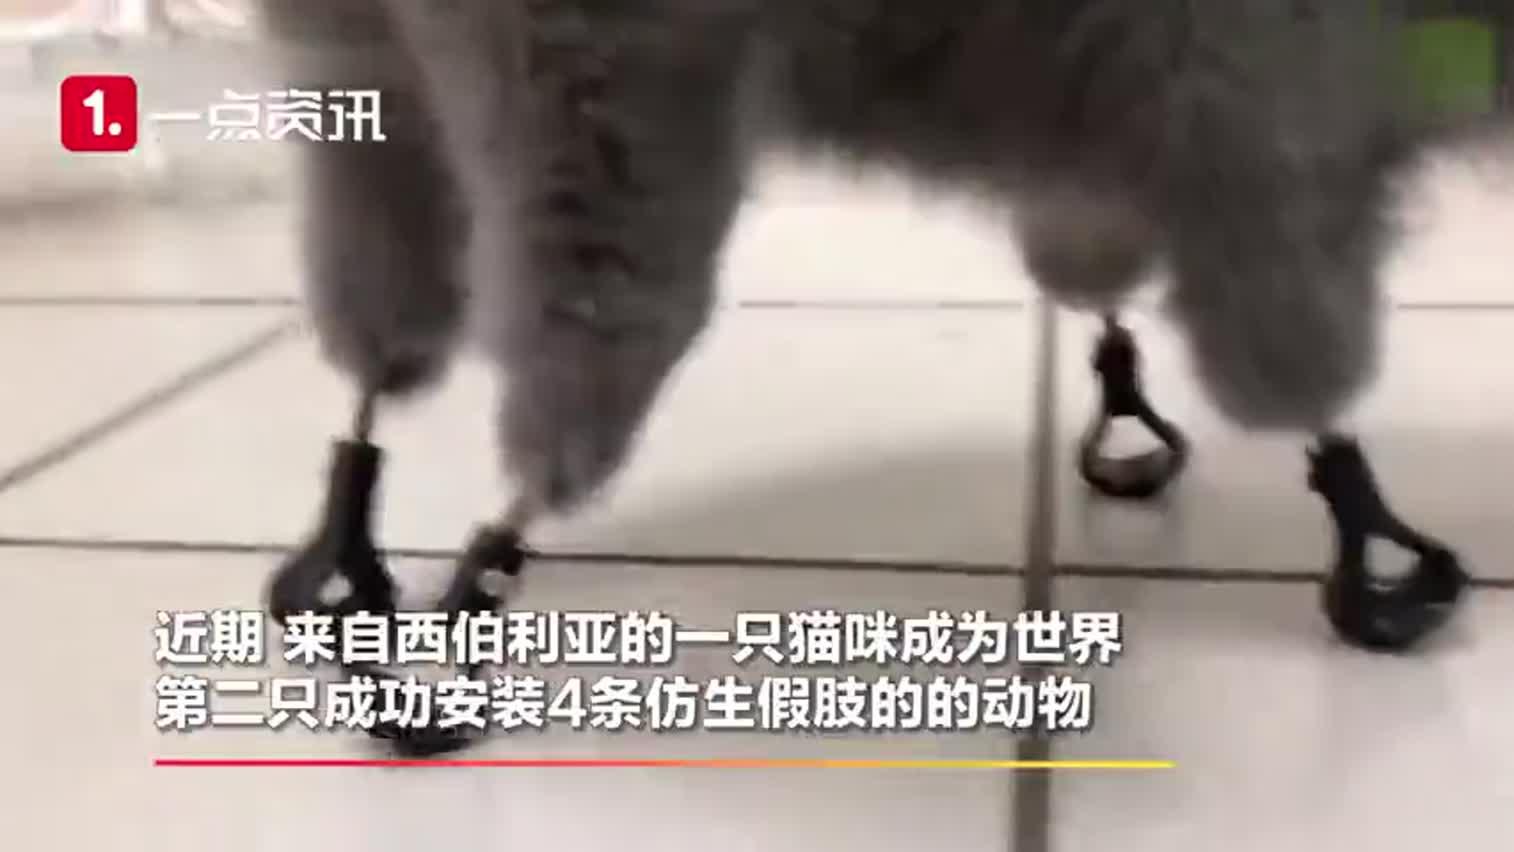 视频-因冻伤失去四爪 俄罗斯兽医为猫咪安装4条仿